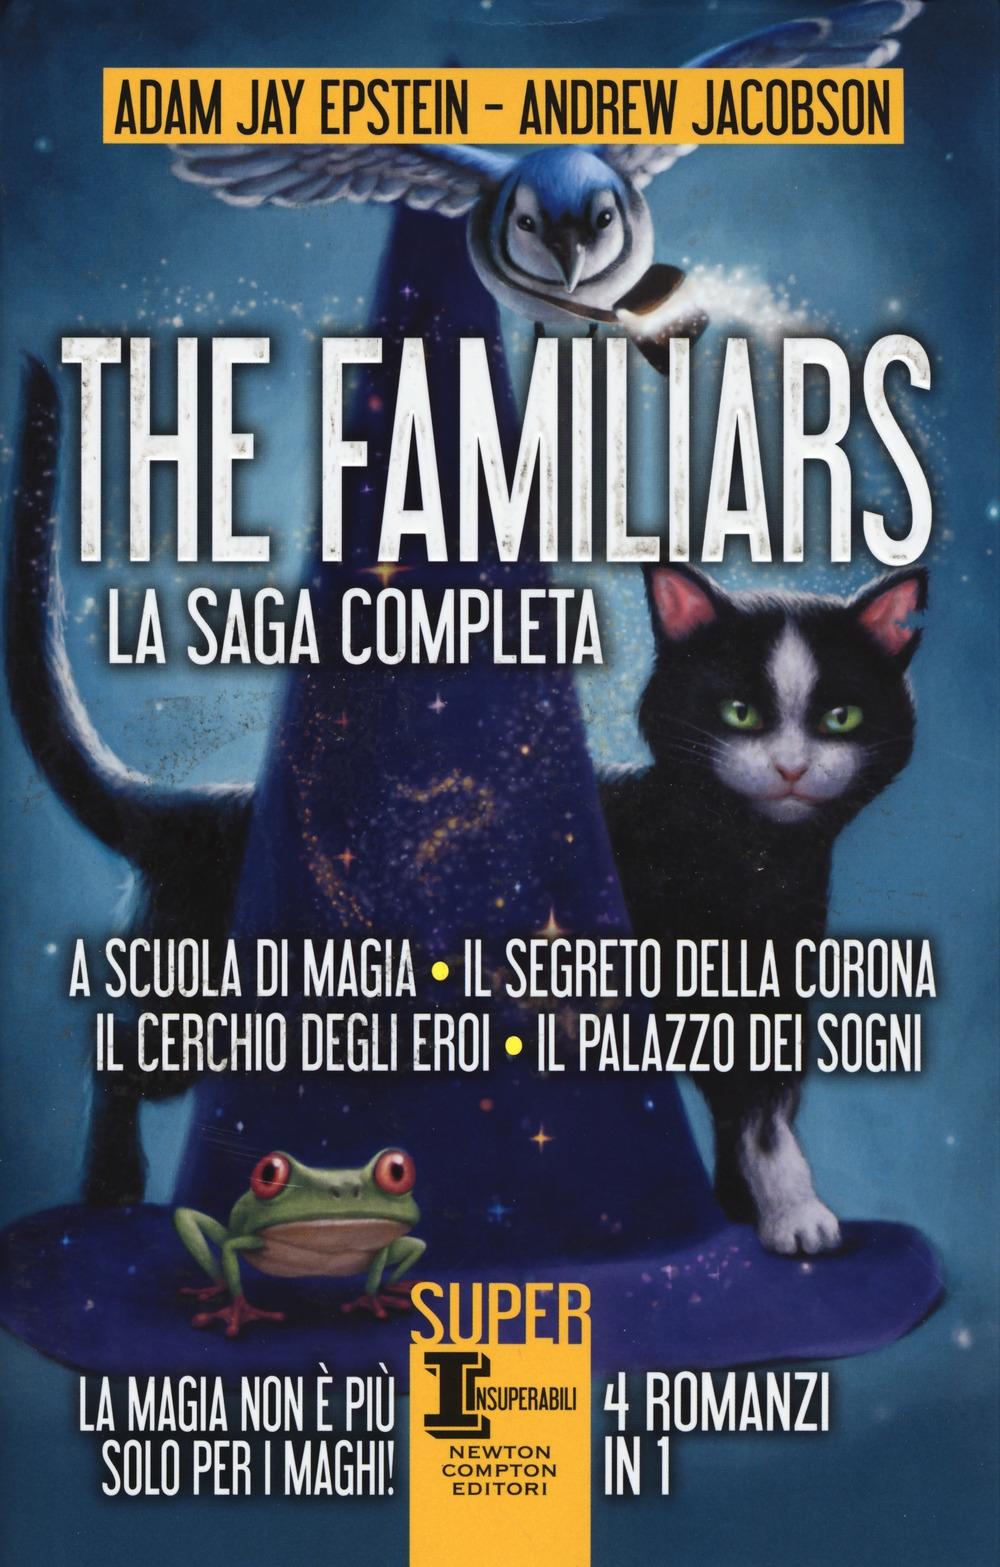 The Familiars: A scuola di magia-Il segreto della corona-Il cerchio degli eroi-Il palazzo dei sogni